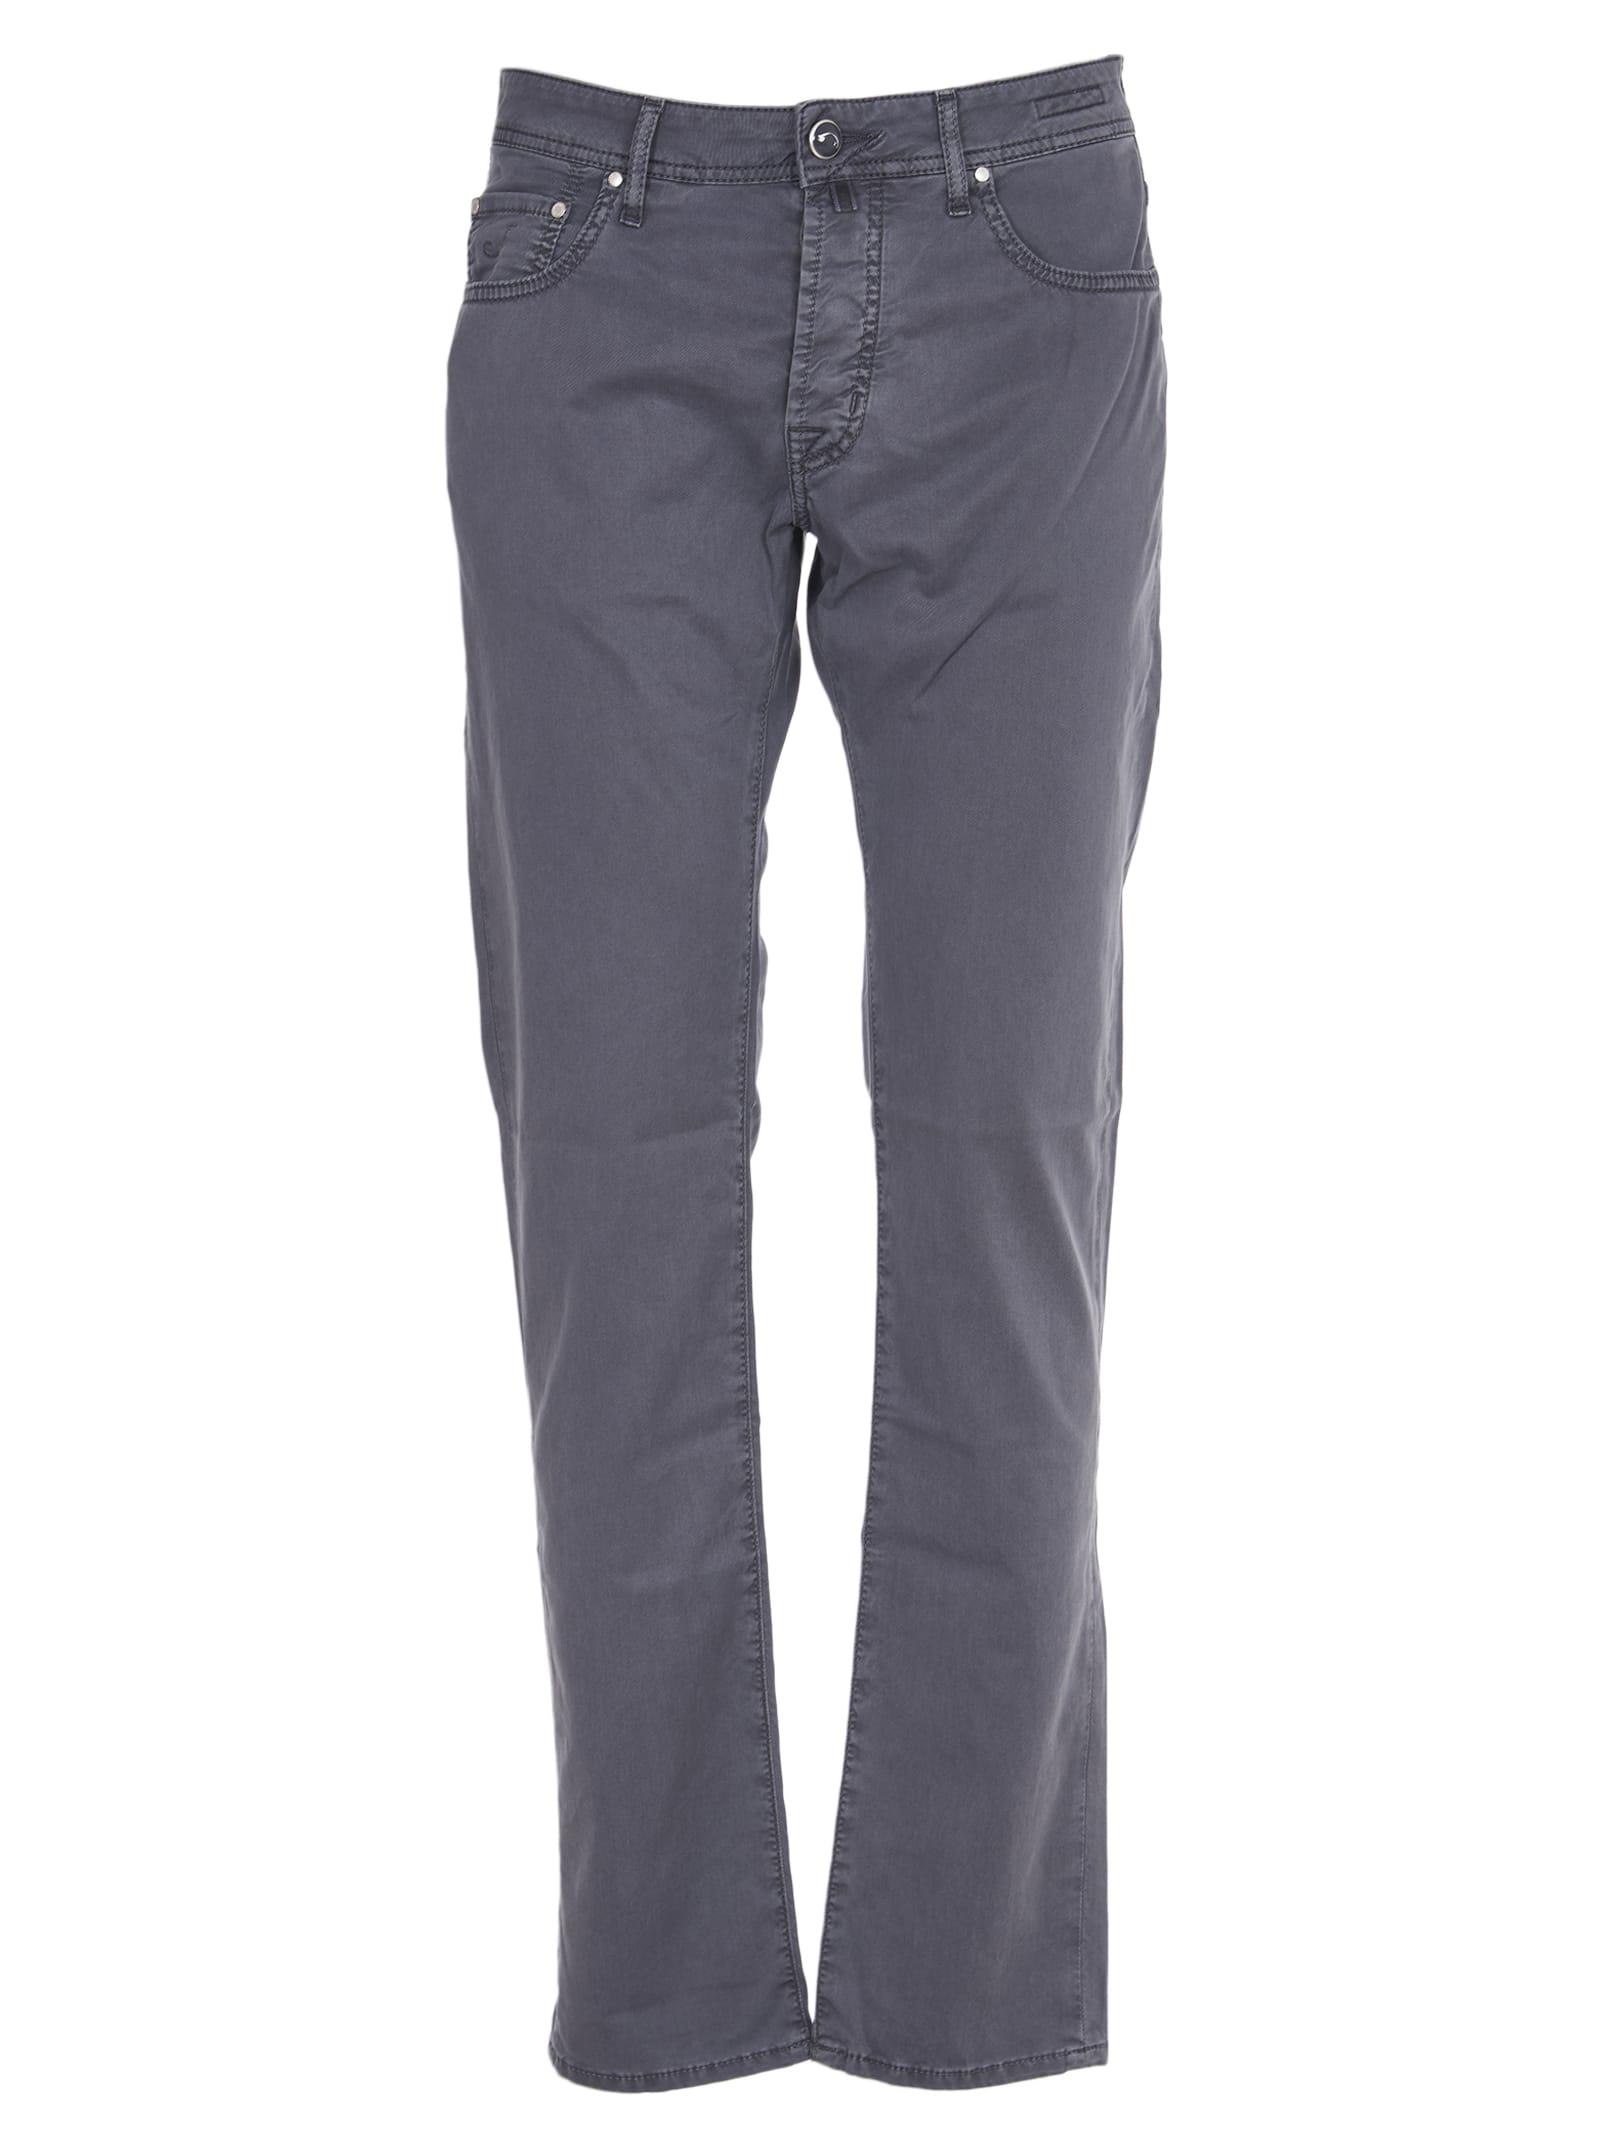 Jacob Cohen Grey Cotton Trousers